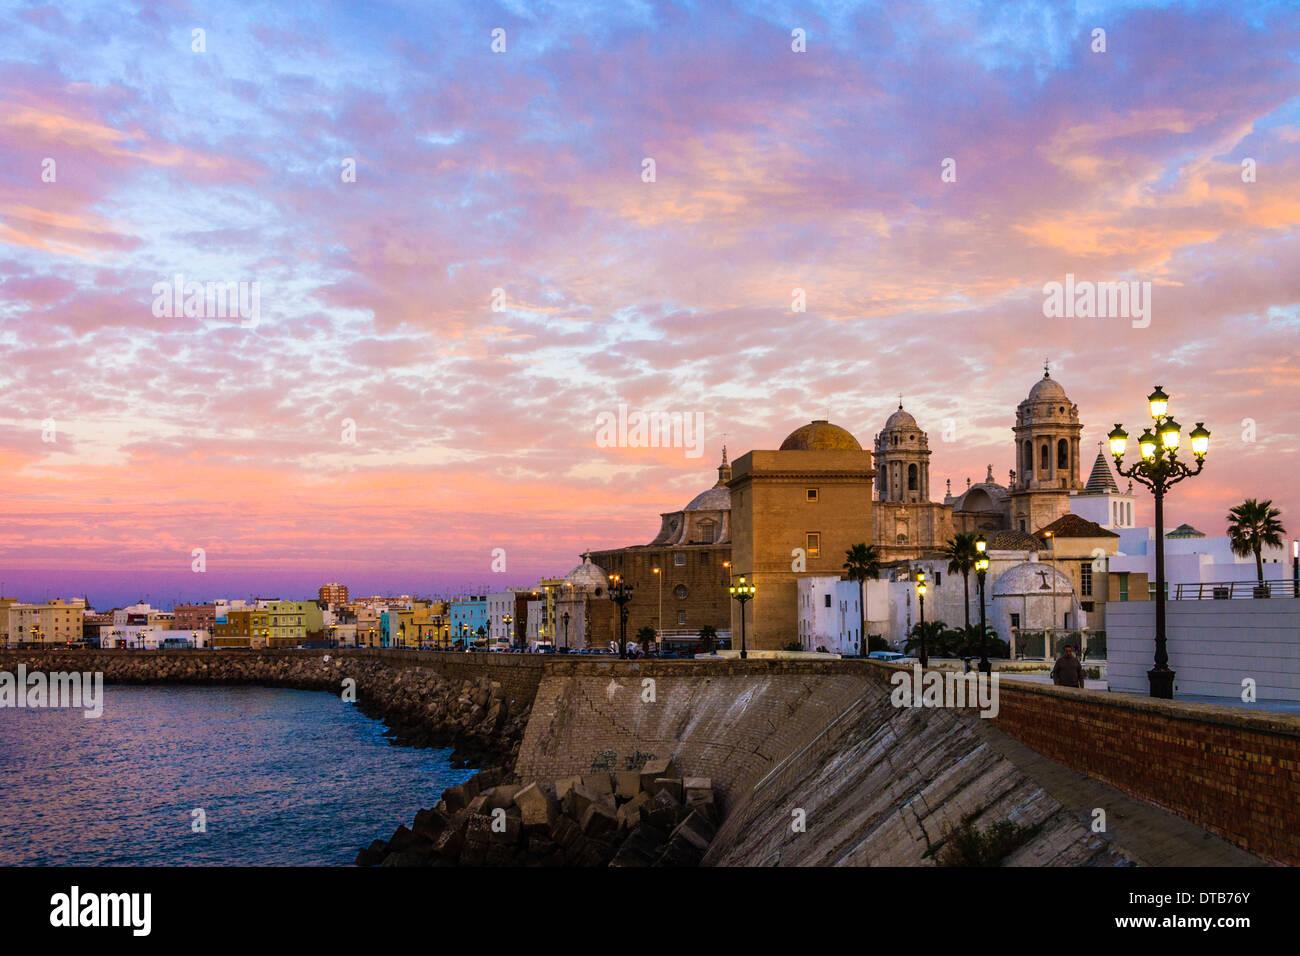 La Cathédrale et la promenade au lever du soleil. Cadix, Andalousie, Espagne Banque D'Images